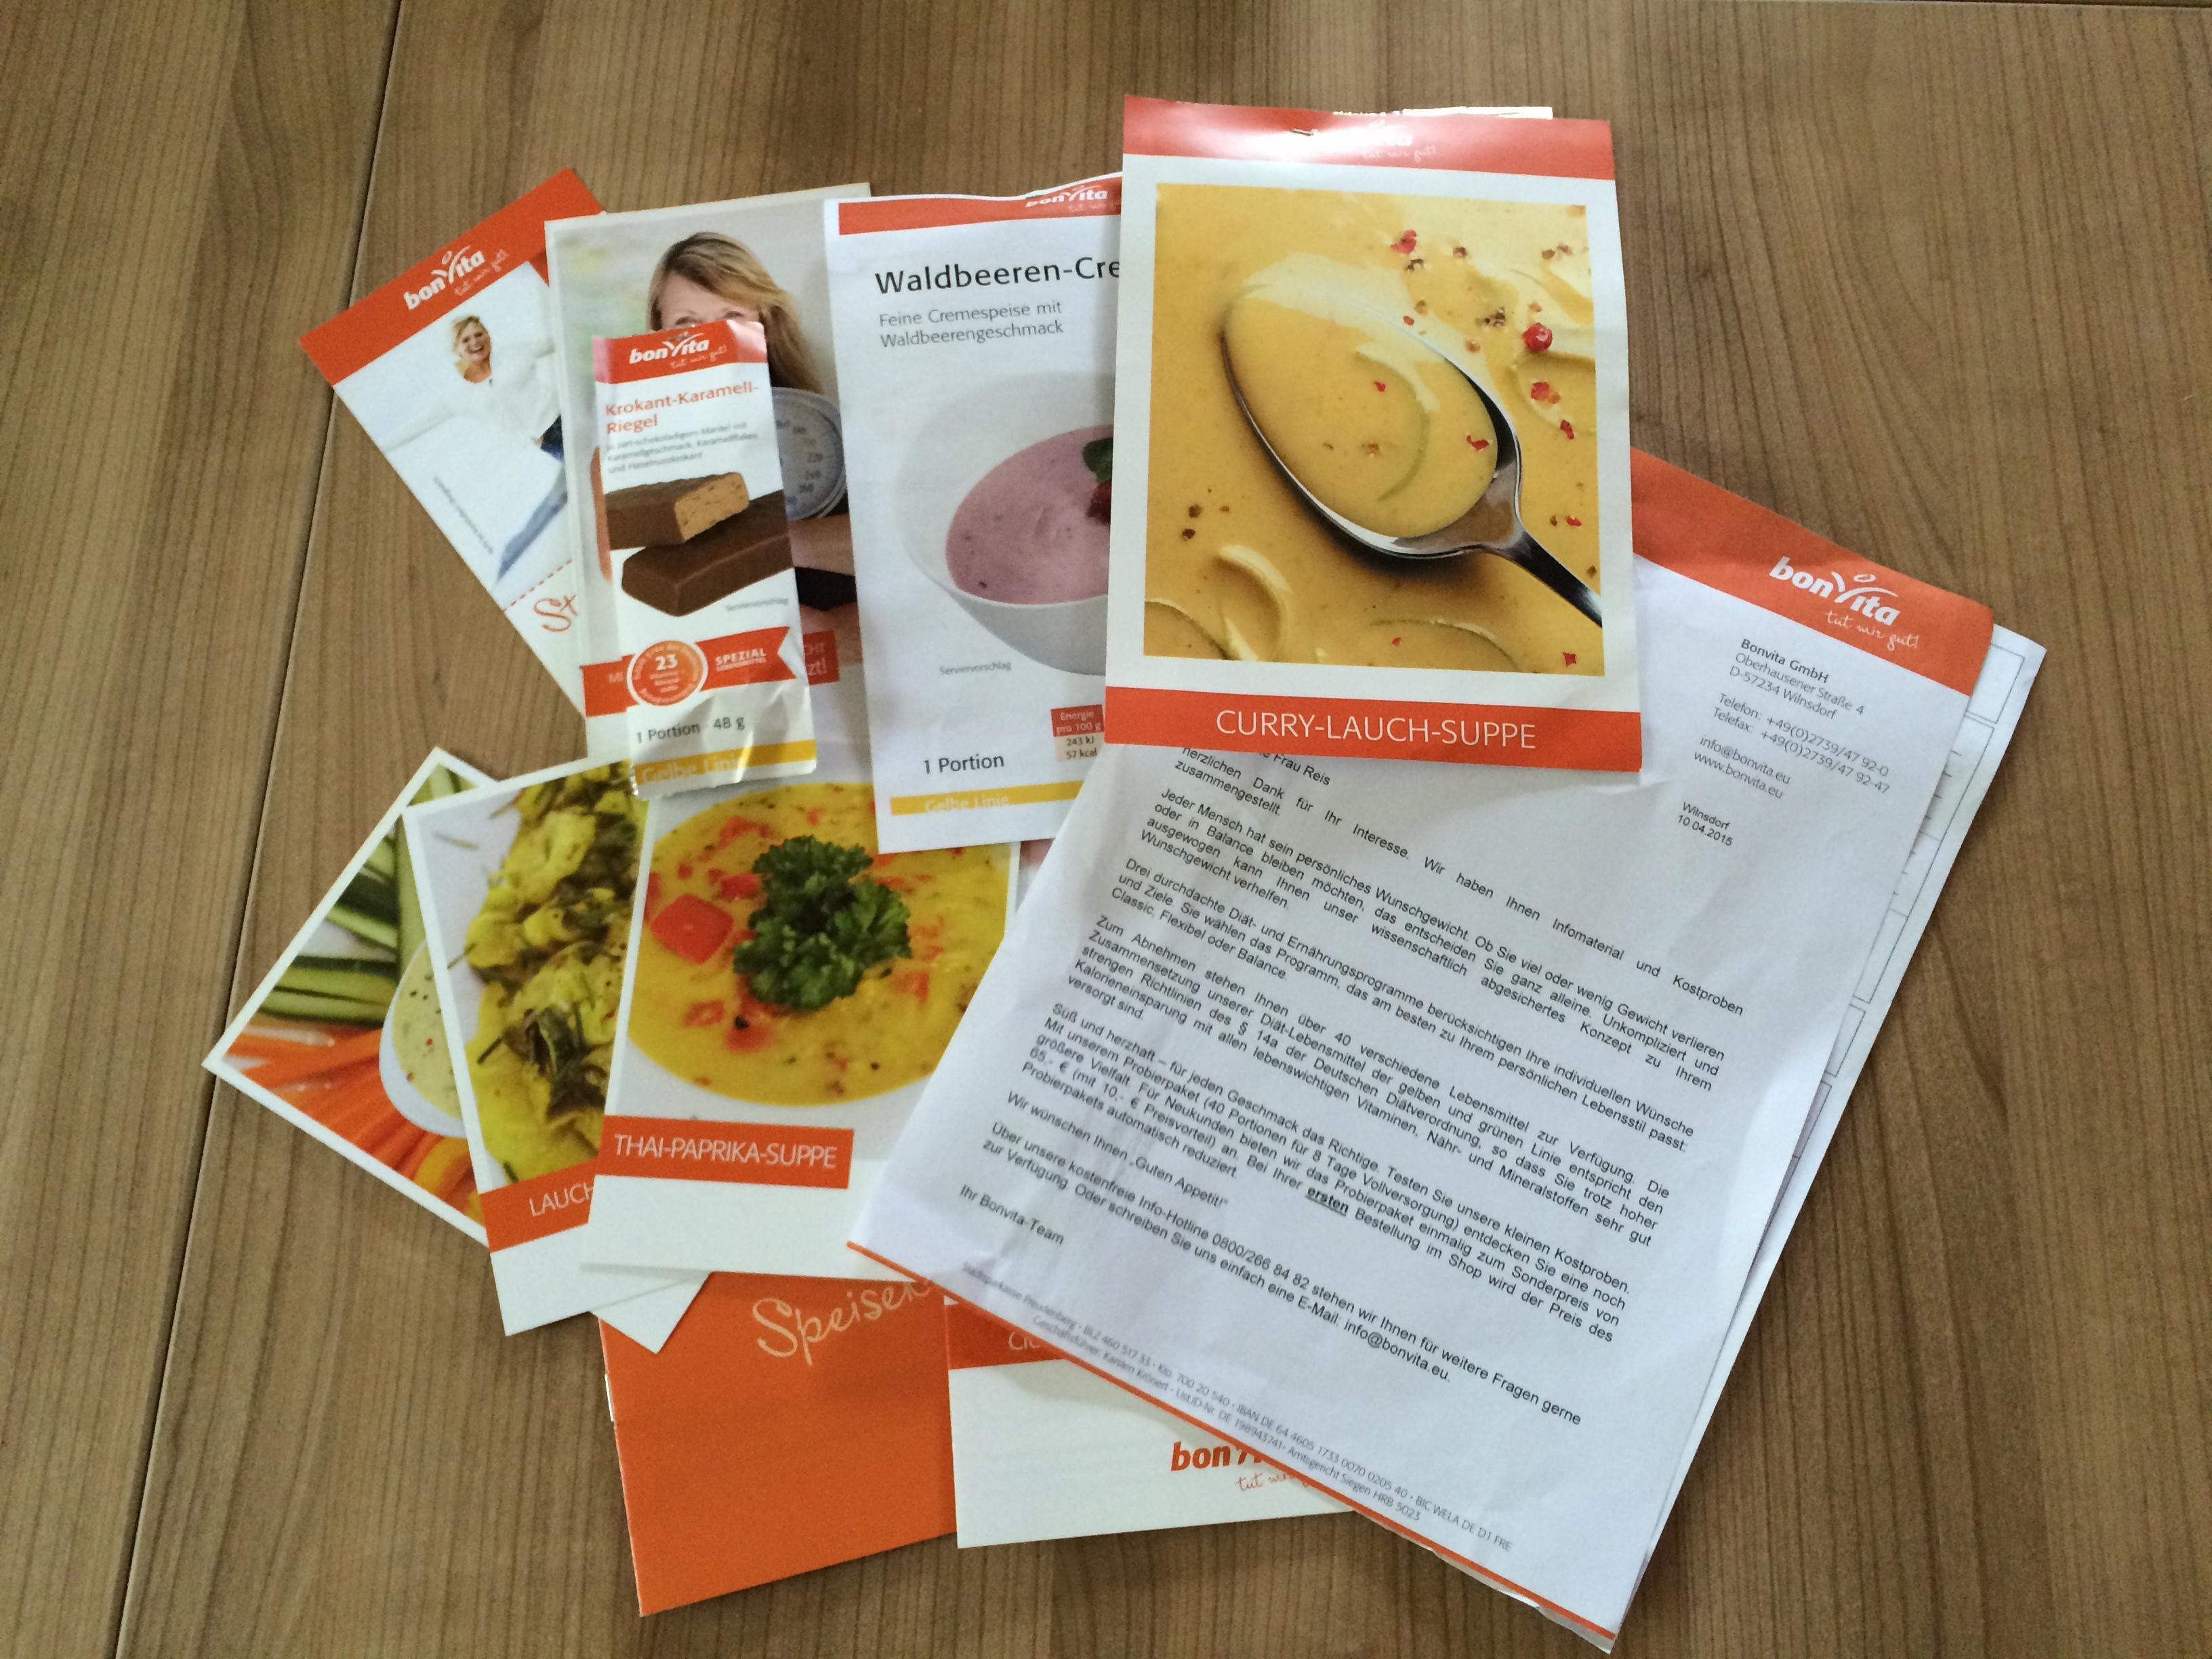 BonVita - Curry-Lauchsuppe Probe - Probenqueen